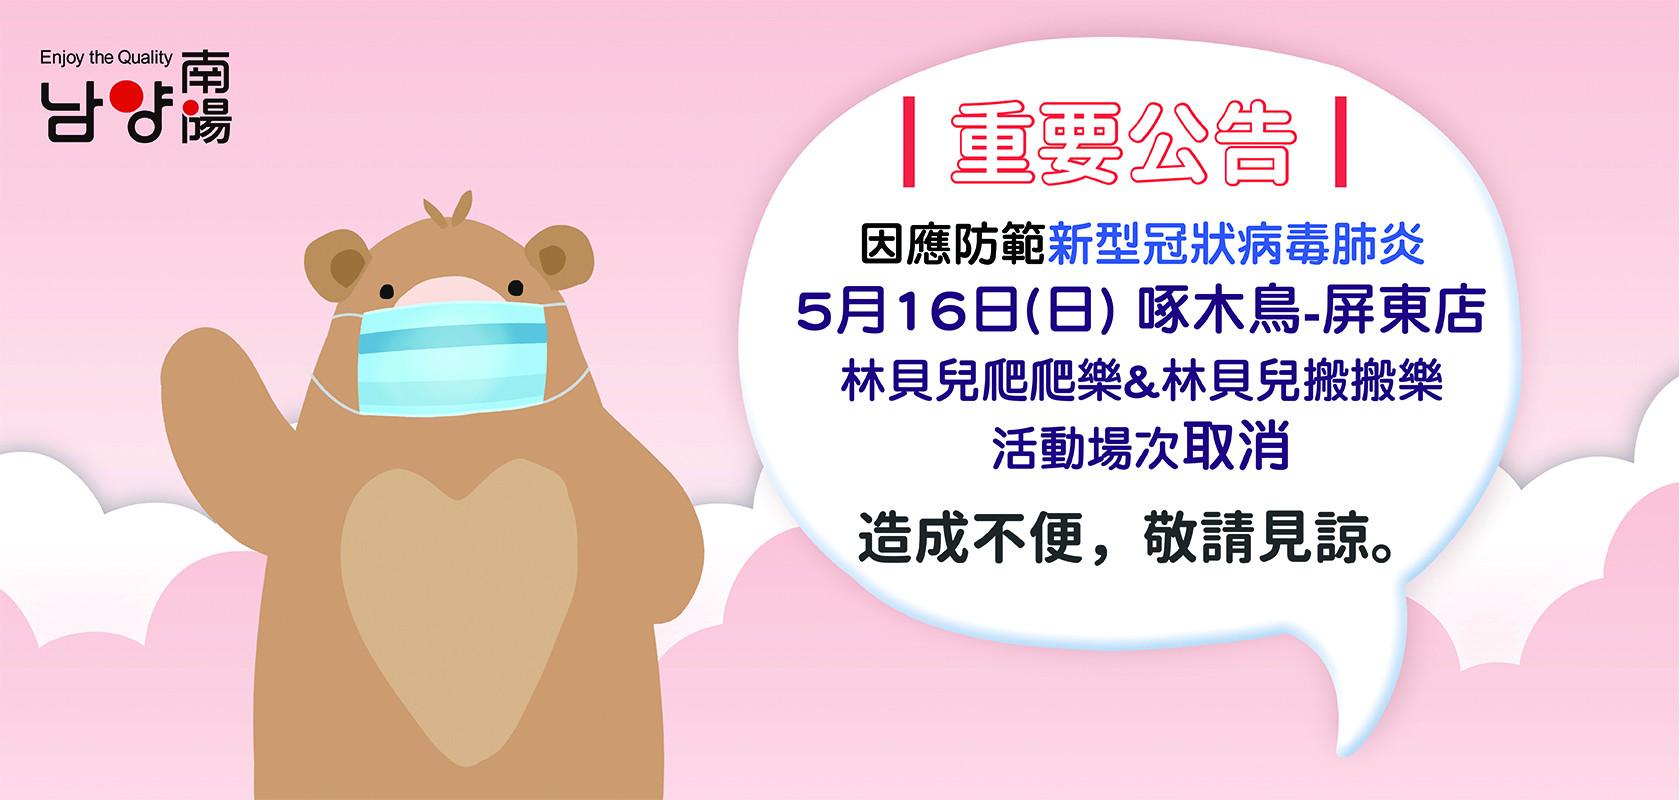 2021/5/16 啄木鳥屏東店-取消公告